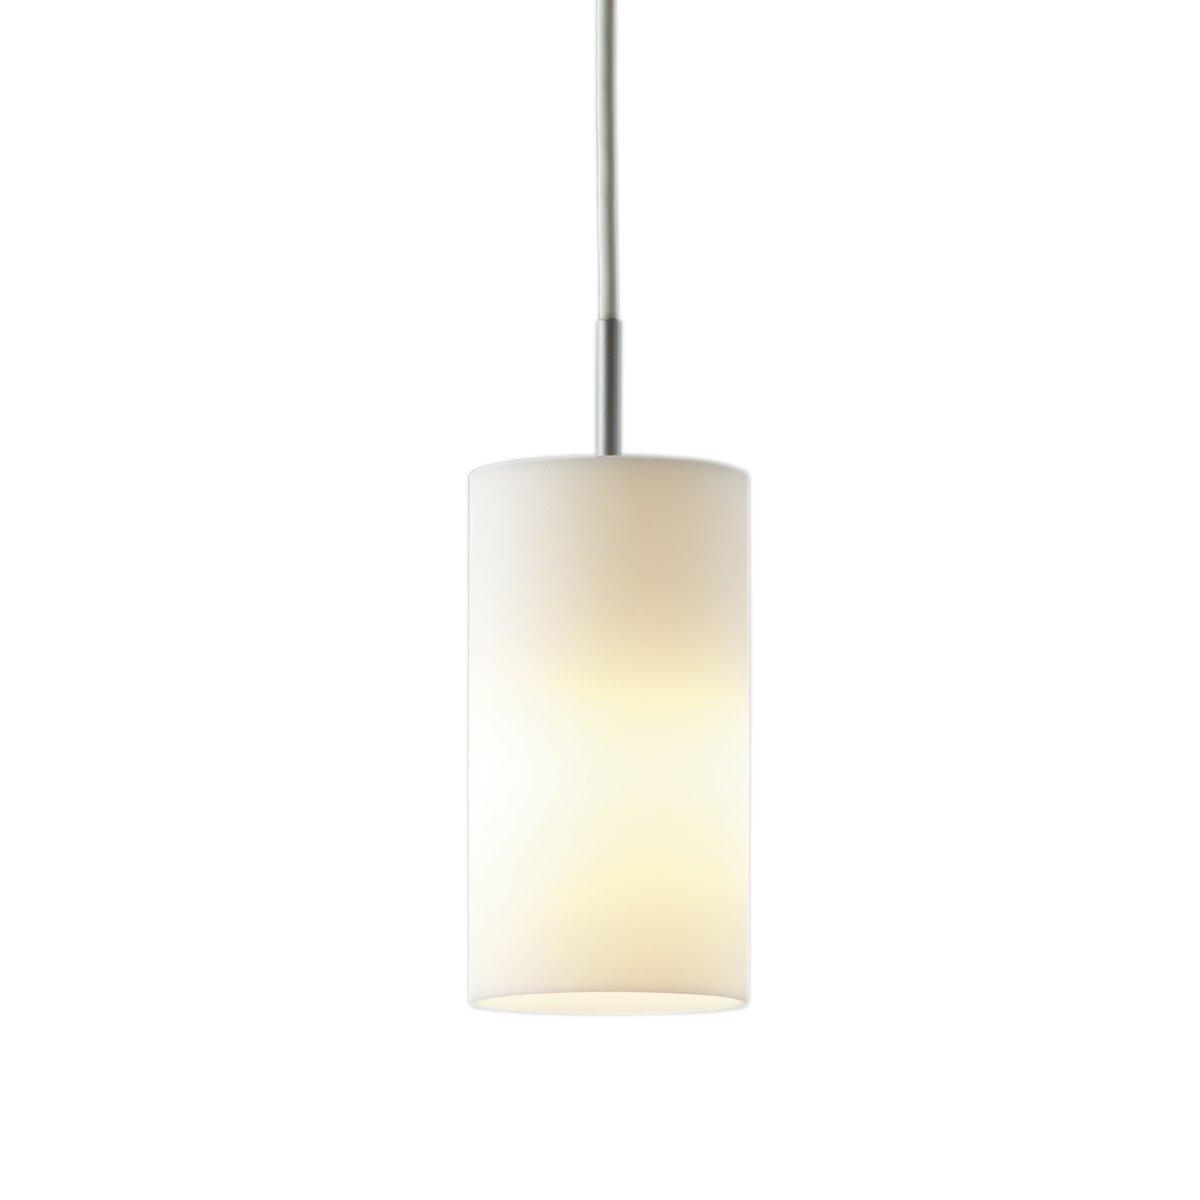 ★【限定特価】山田照明 照明器具LEDランプ交換型ペンダントライト プラグタイプ白熱40W相当 電球色 非調光PD-2613-L